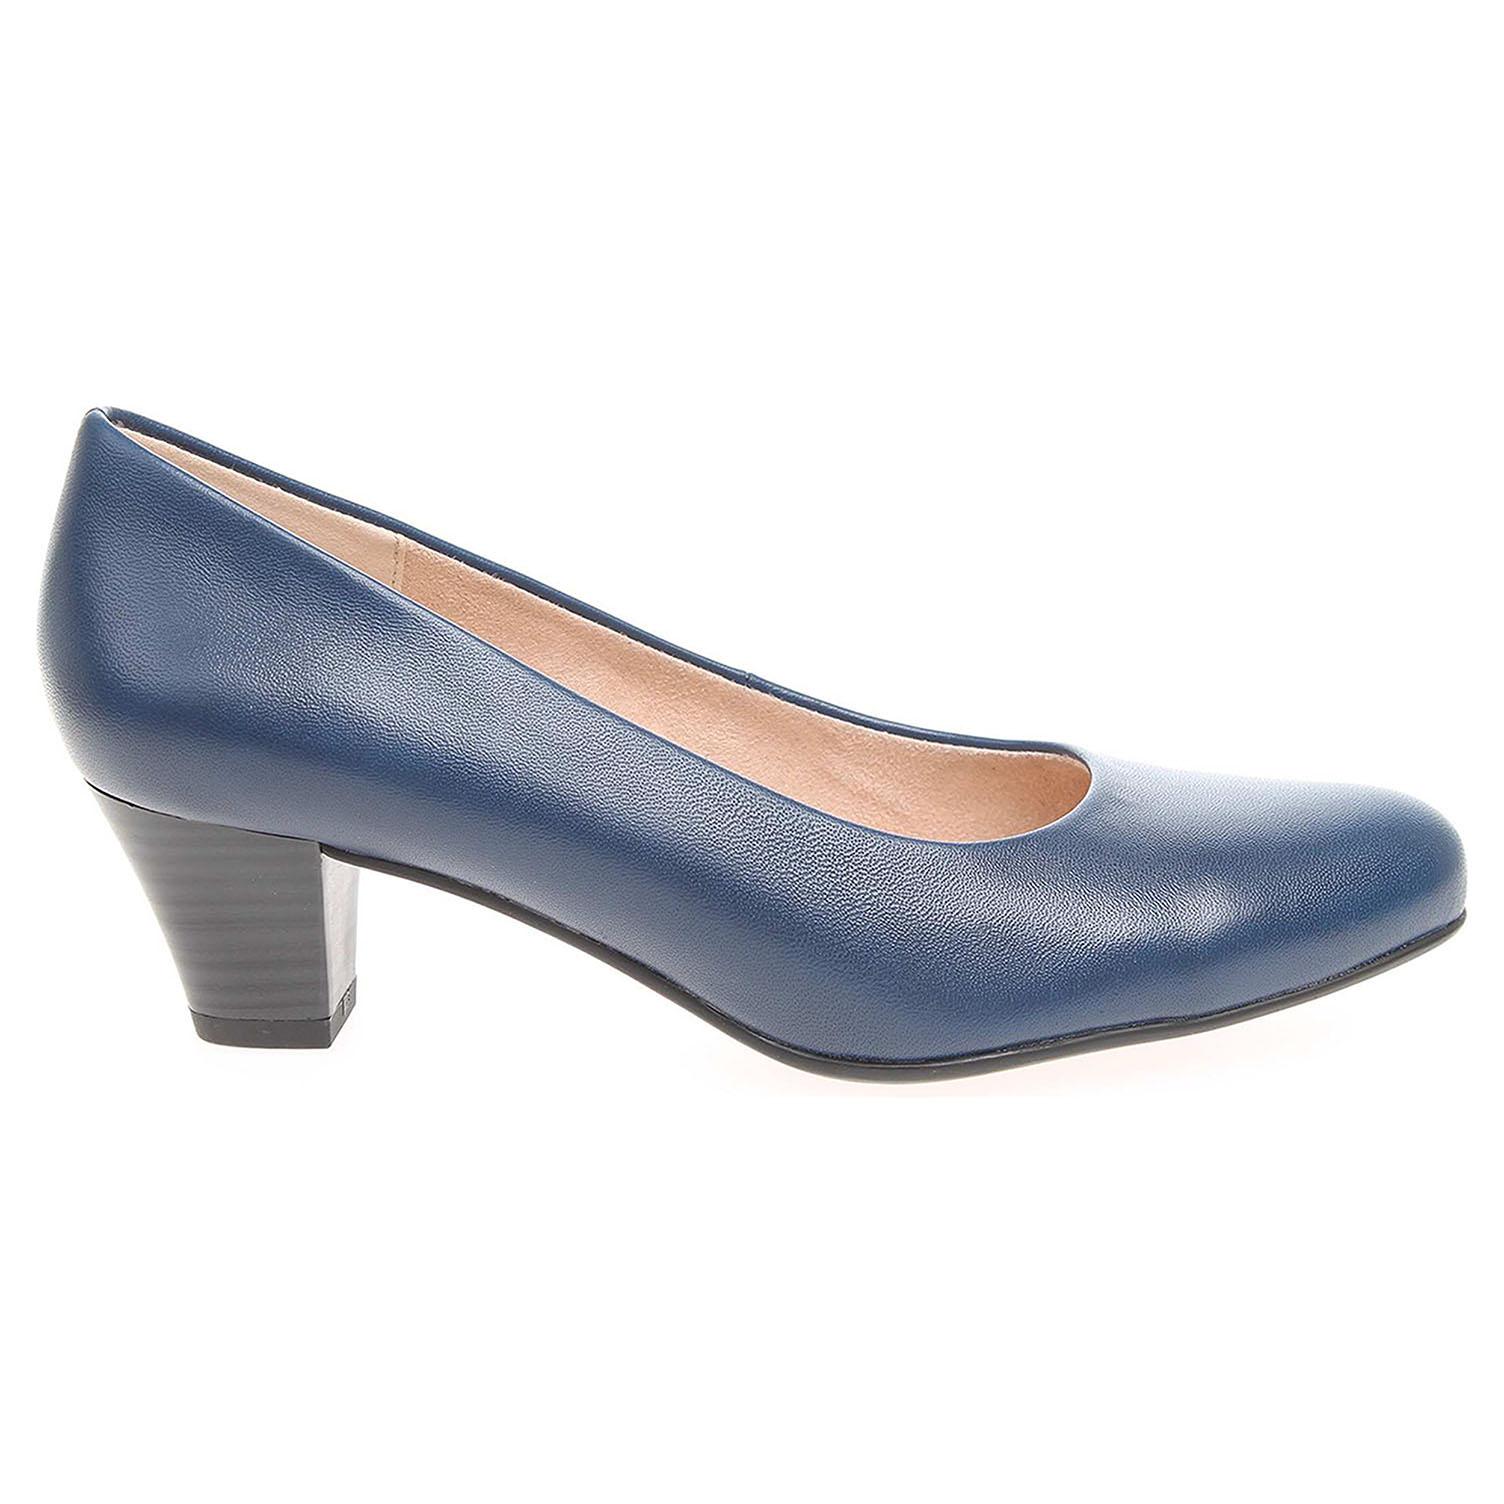 e6a35f01cb Caprice dámské lodičky 9-22306-28 modré 9-9-22306-28